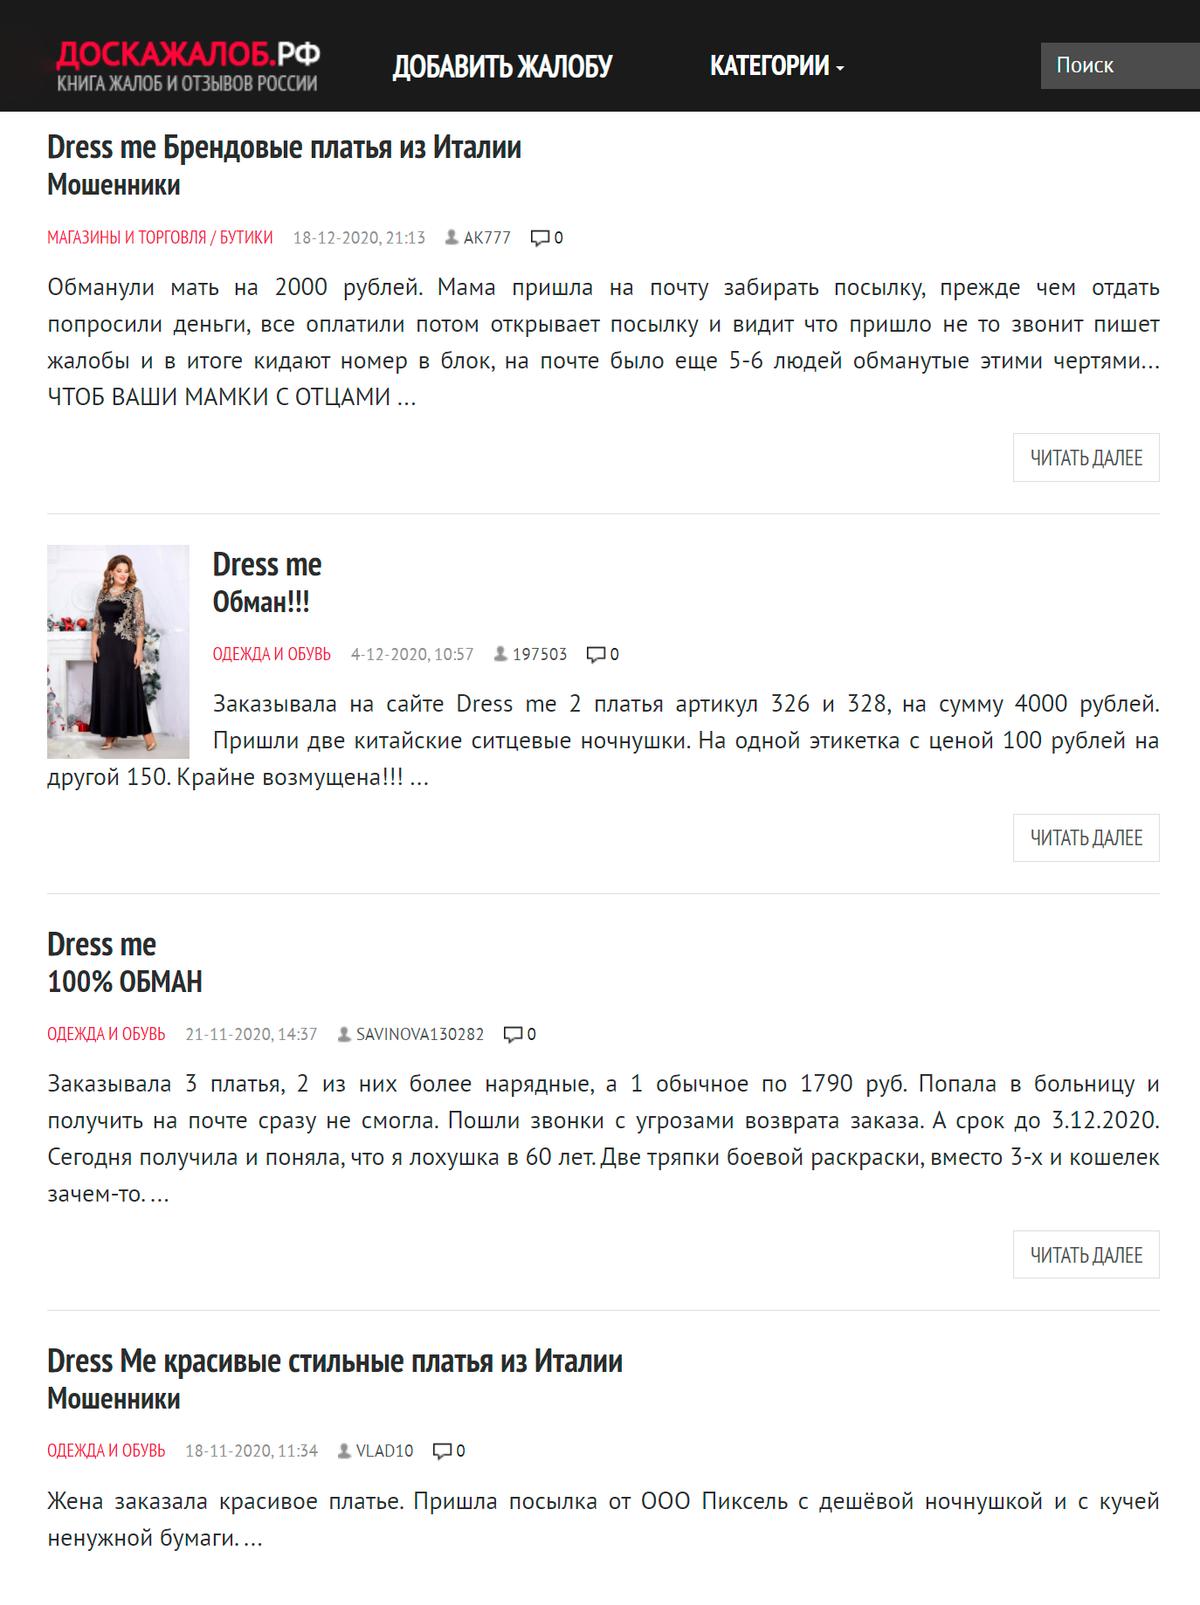 А вот бренд DressMe все-таки специализируется на платьях, хотя почерк тот же